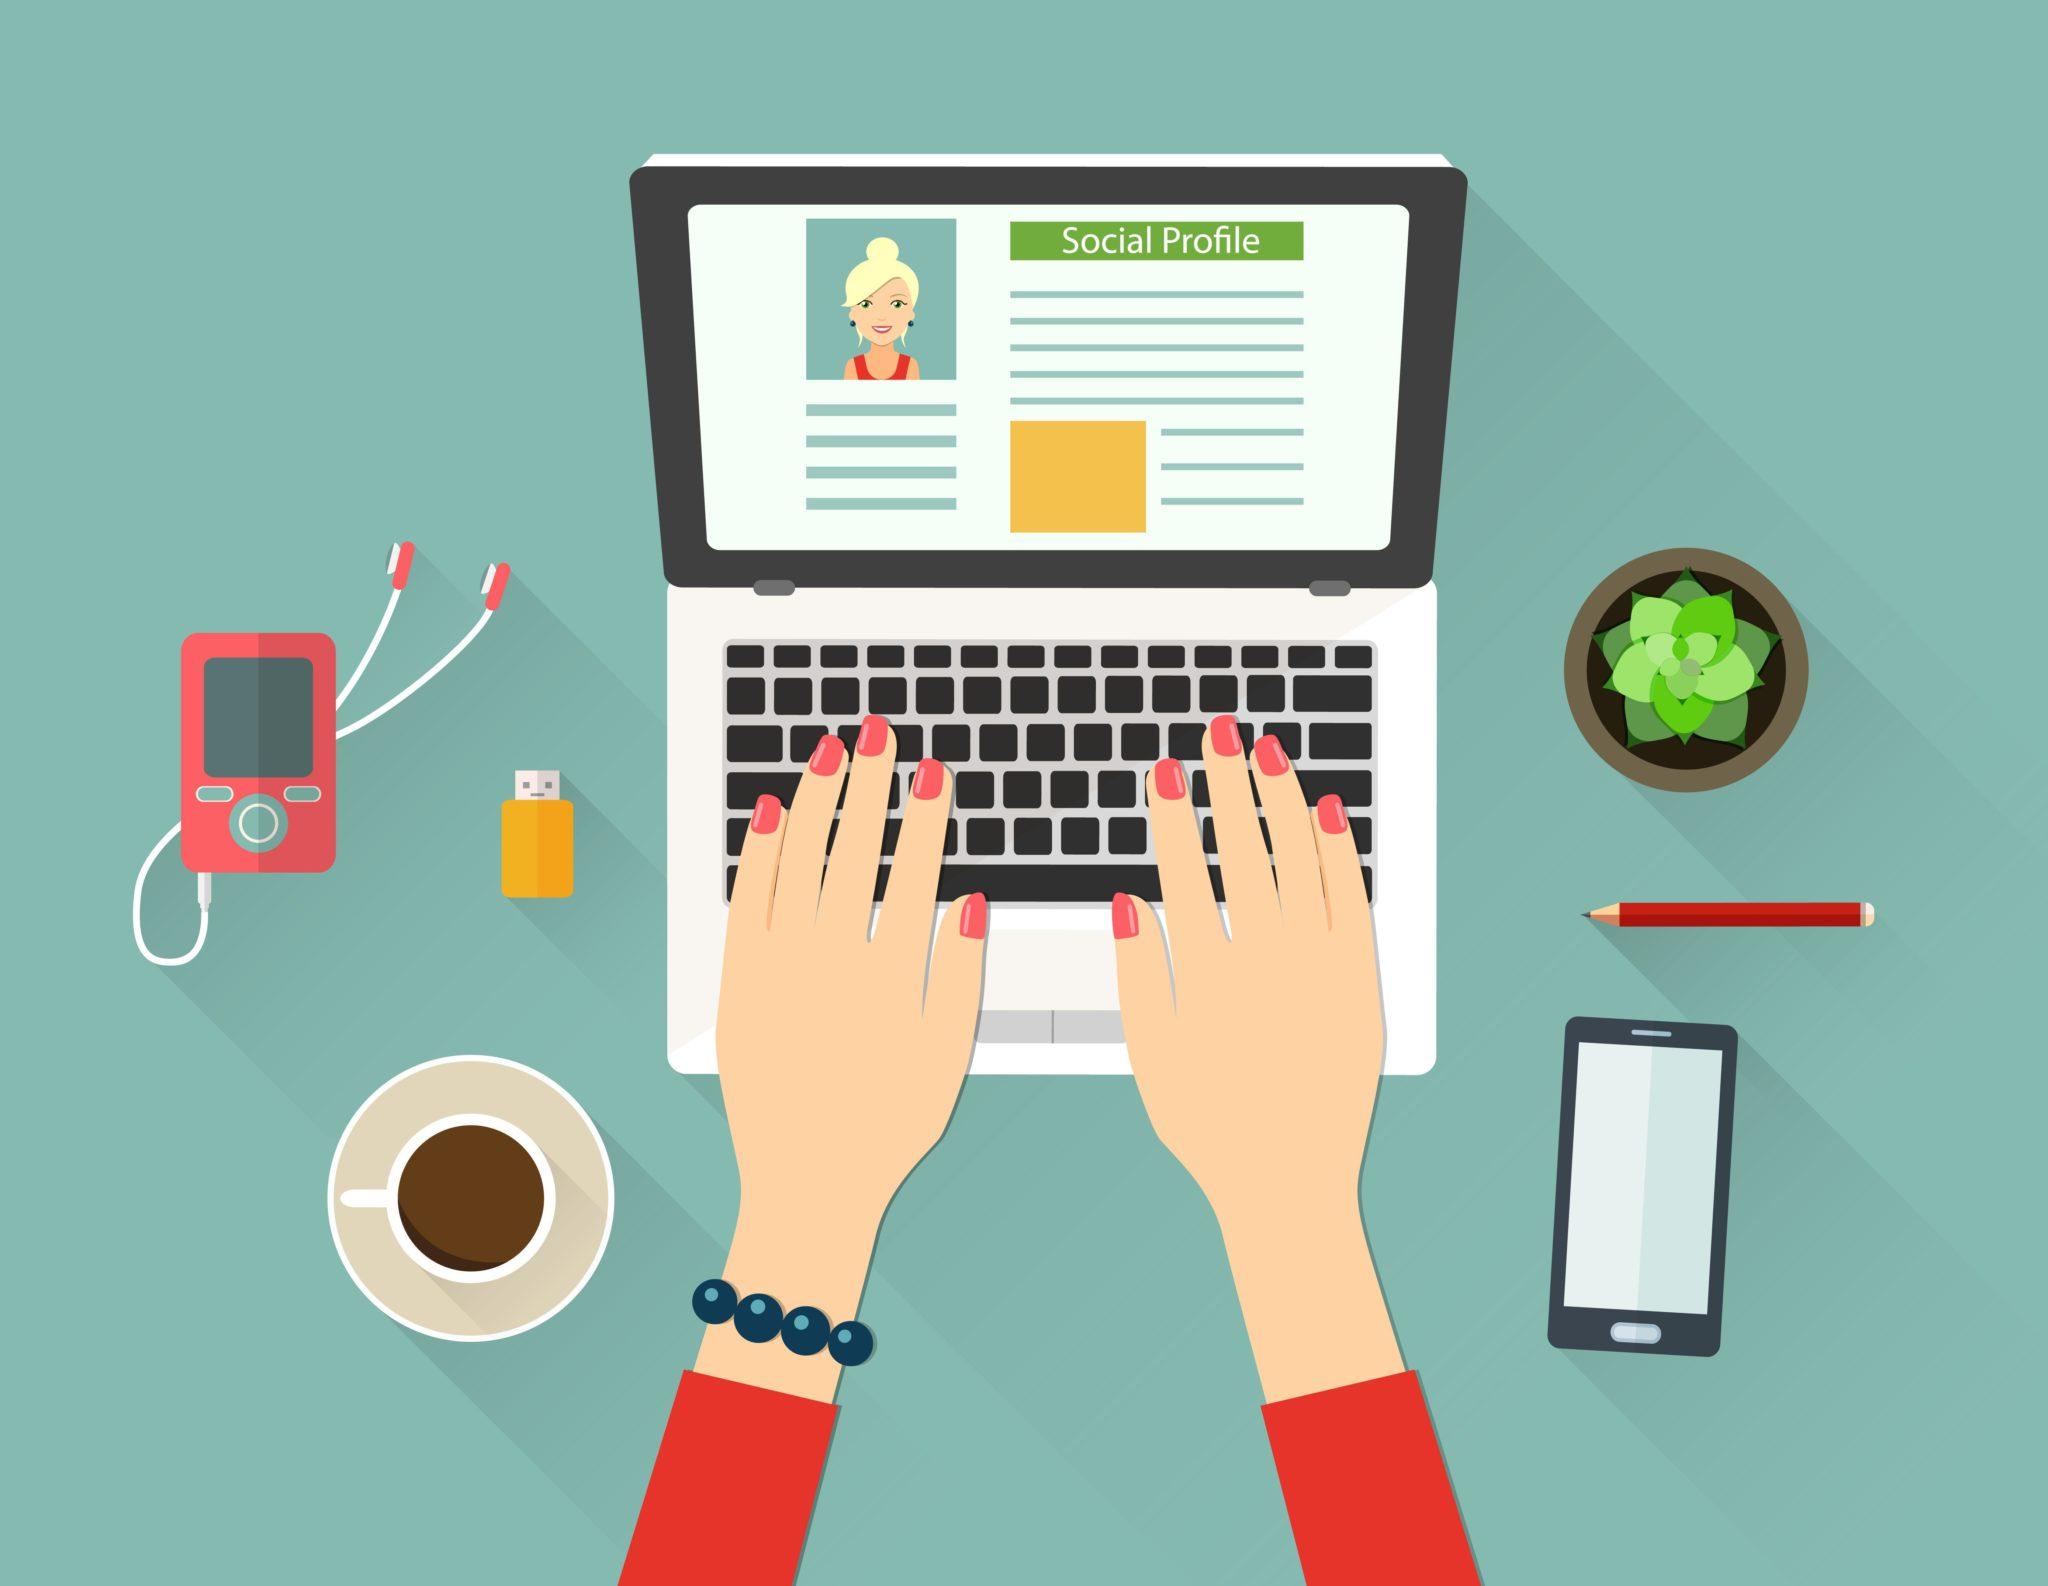 Ilustračný obrázok k článku ako si napísať obsah webovej stránky sám ukazuje phľad na laptop, okolo neho veci a ženské ruky, ktoré píšu na klácesnici.